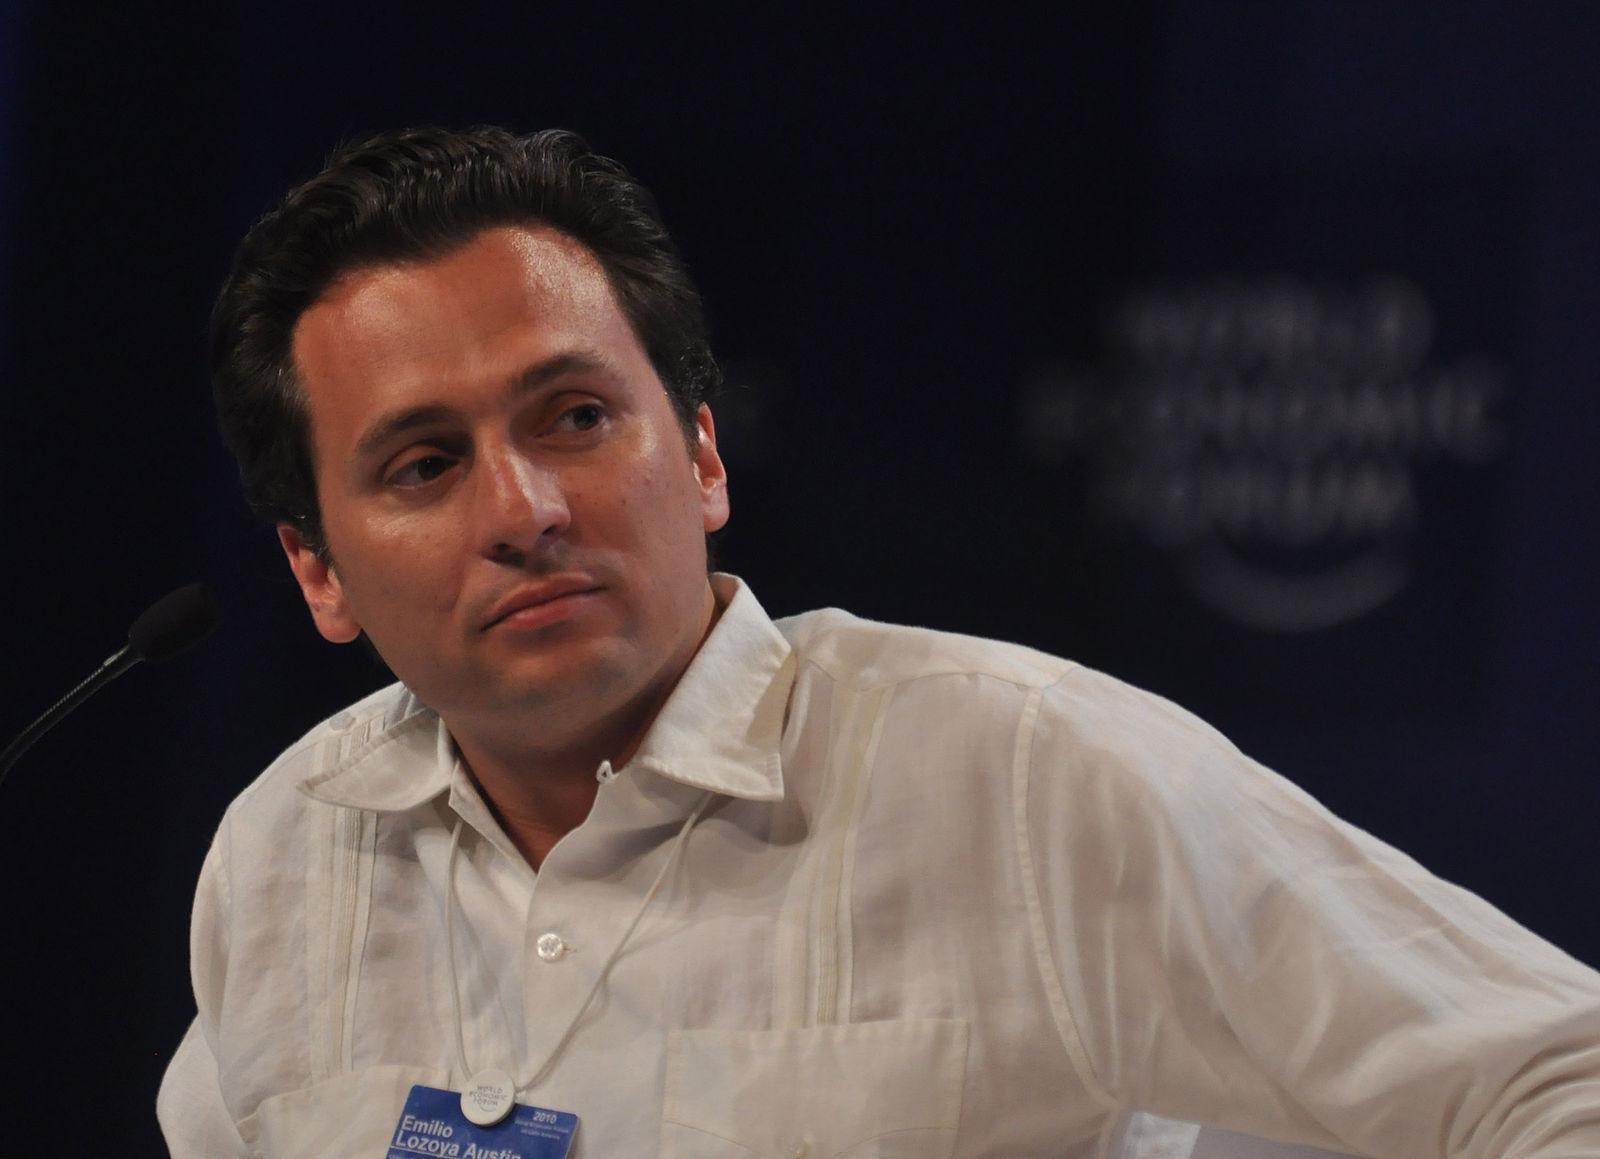 Unidad de delitos financieros de México aplaude arresto de exdirector de Pemex